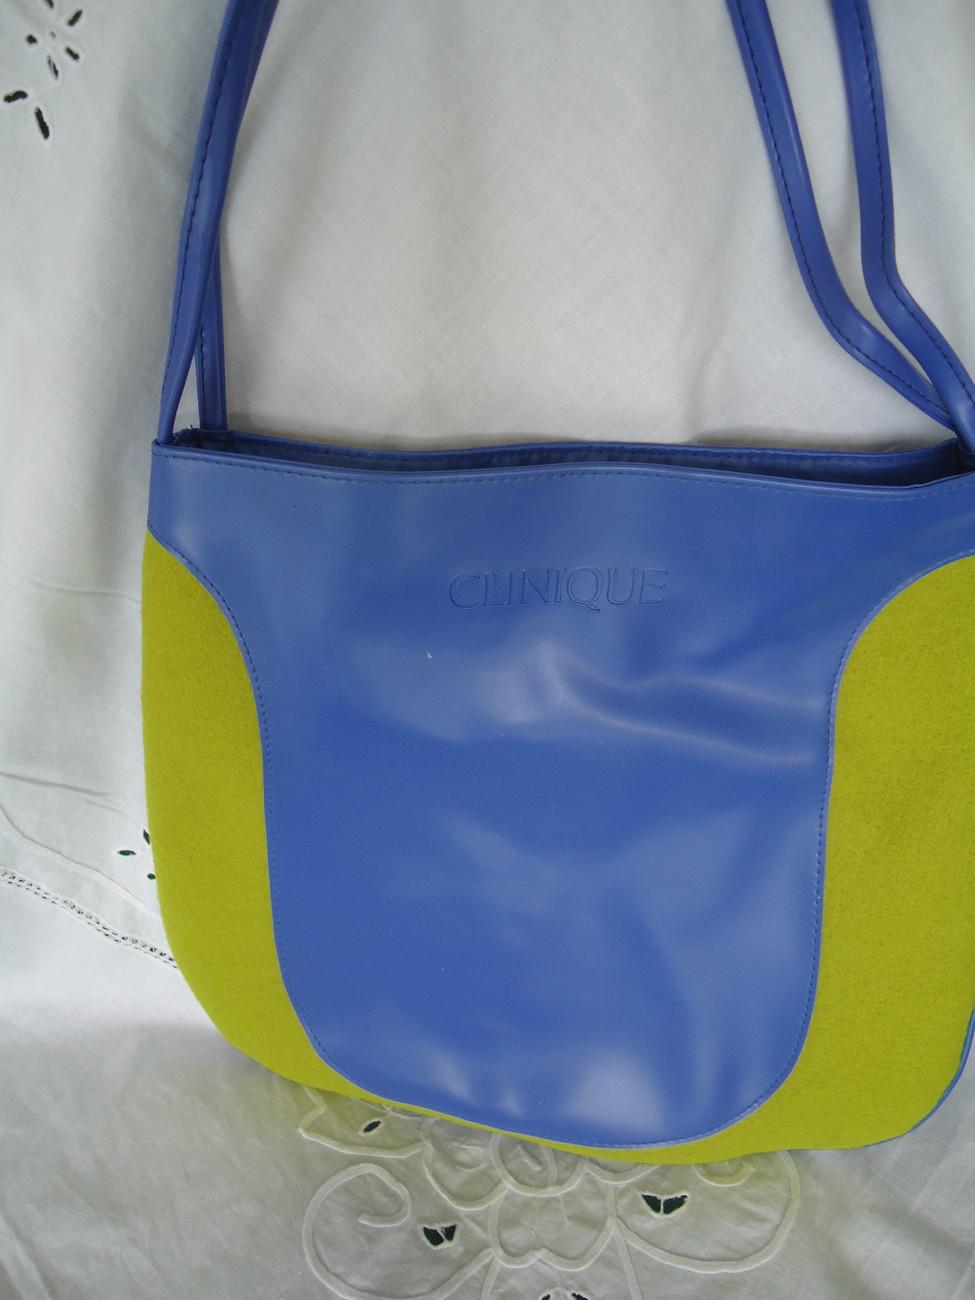 Clinique  Blue Green Makeup Cosmetic Bag Purce